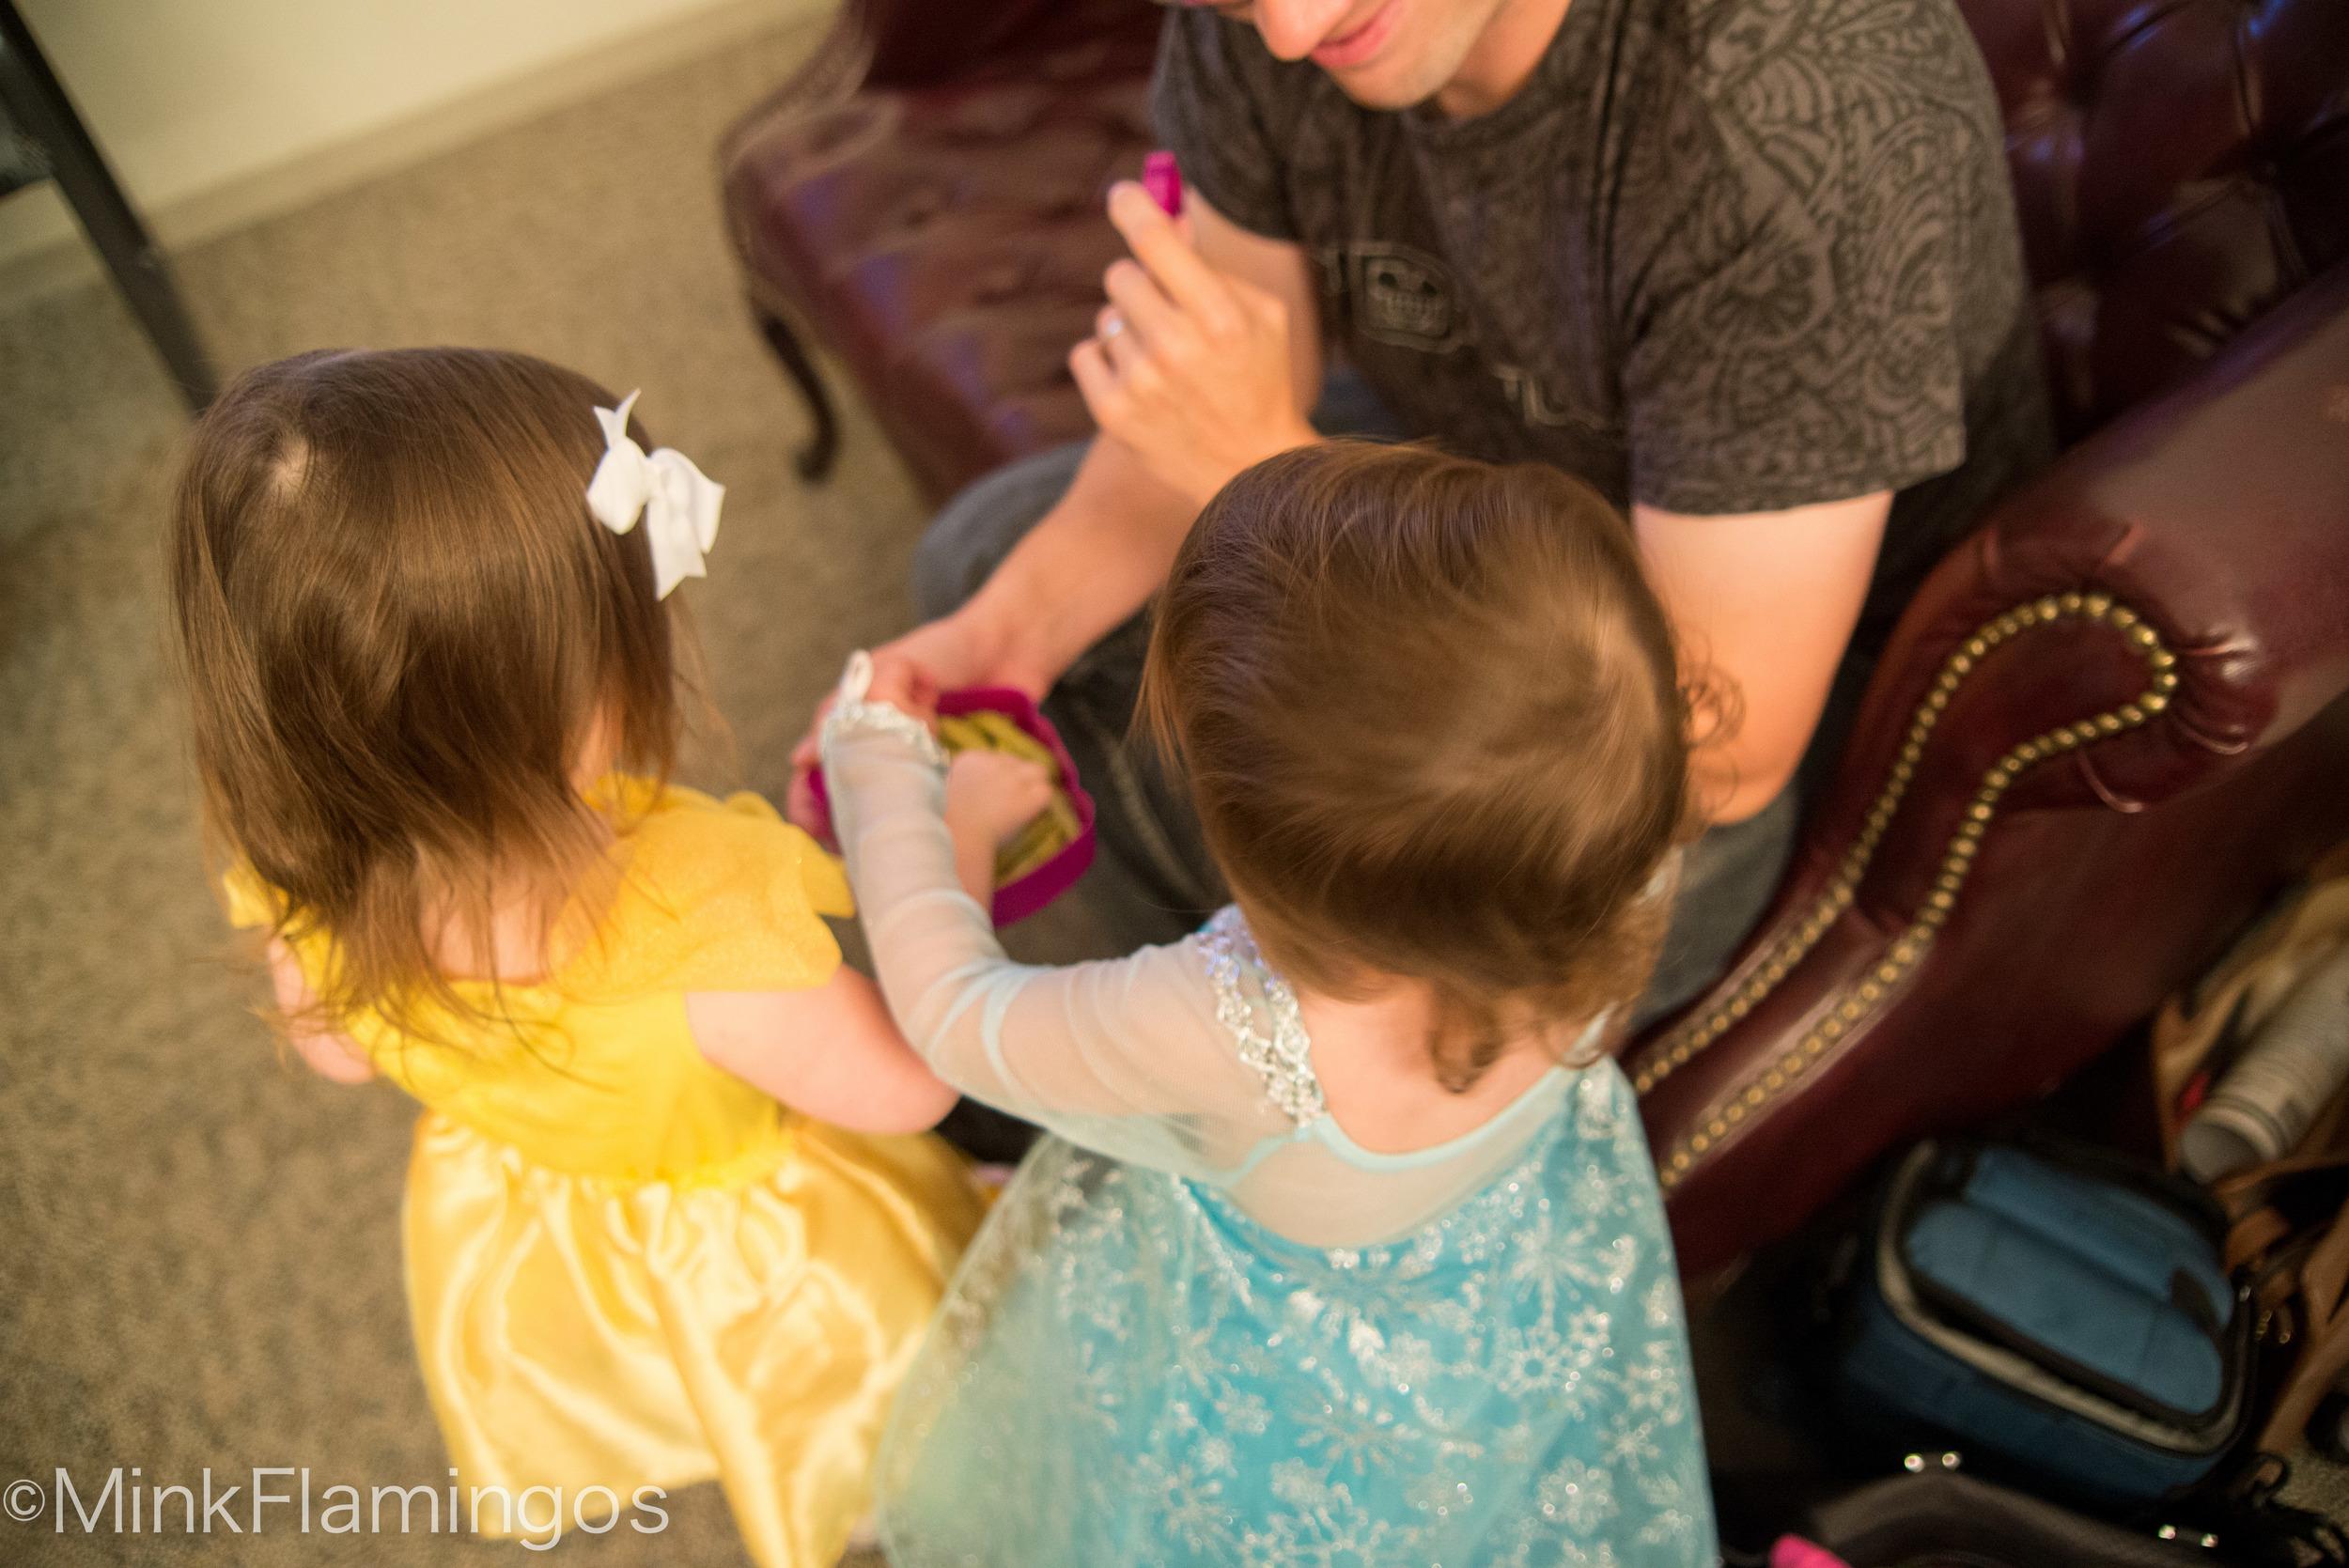 Sharing princess snacks